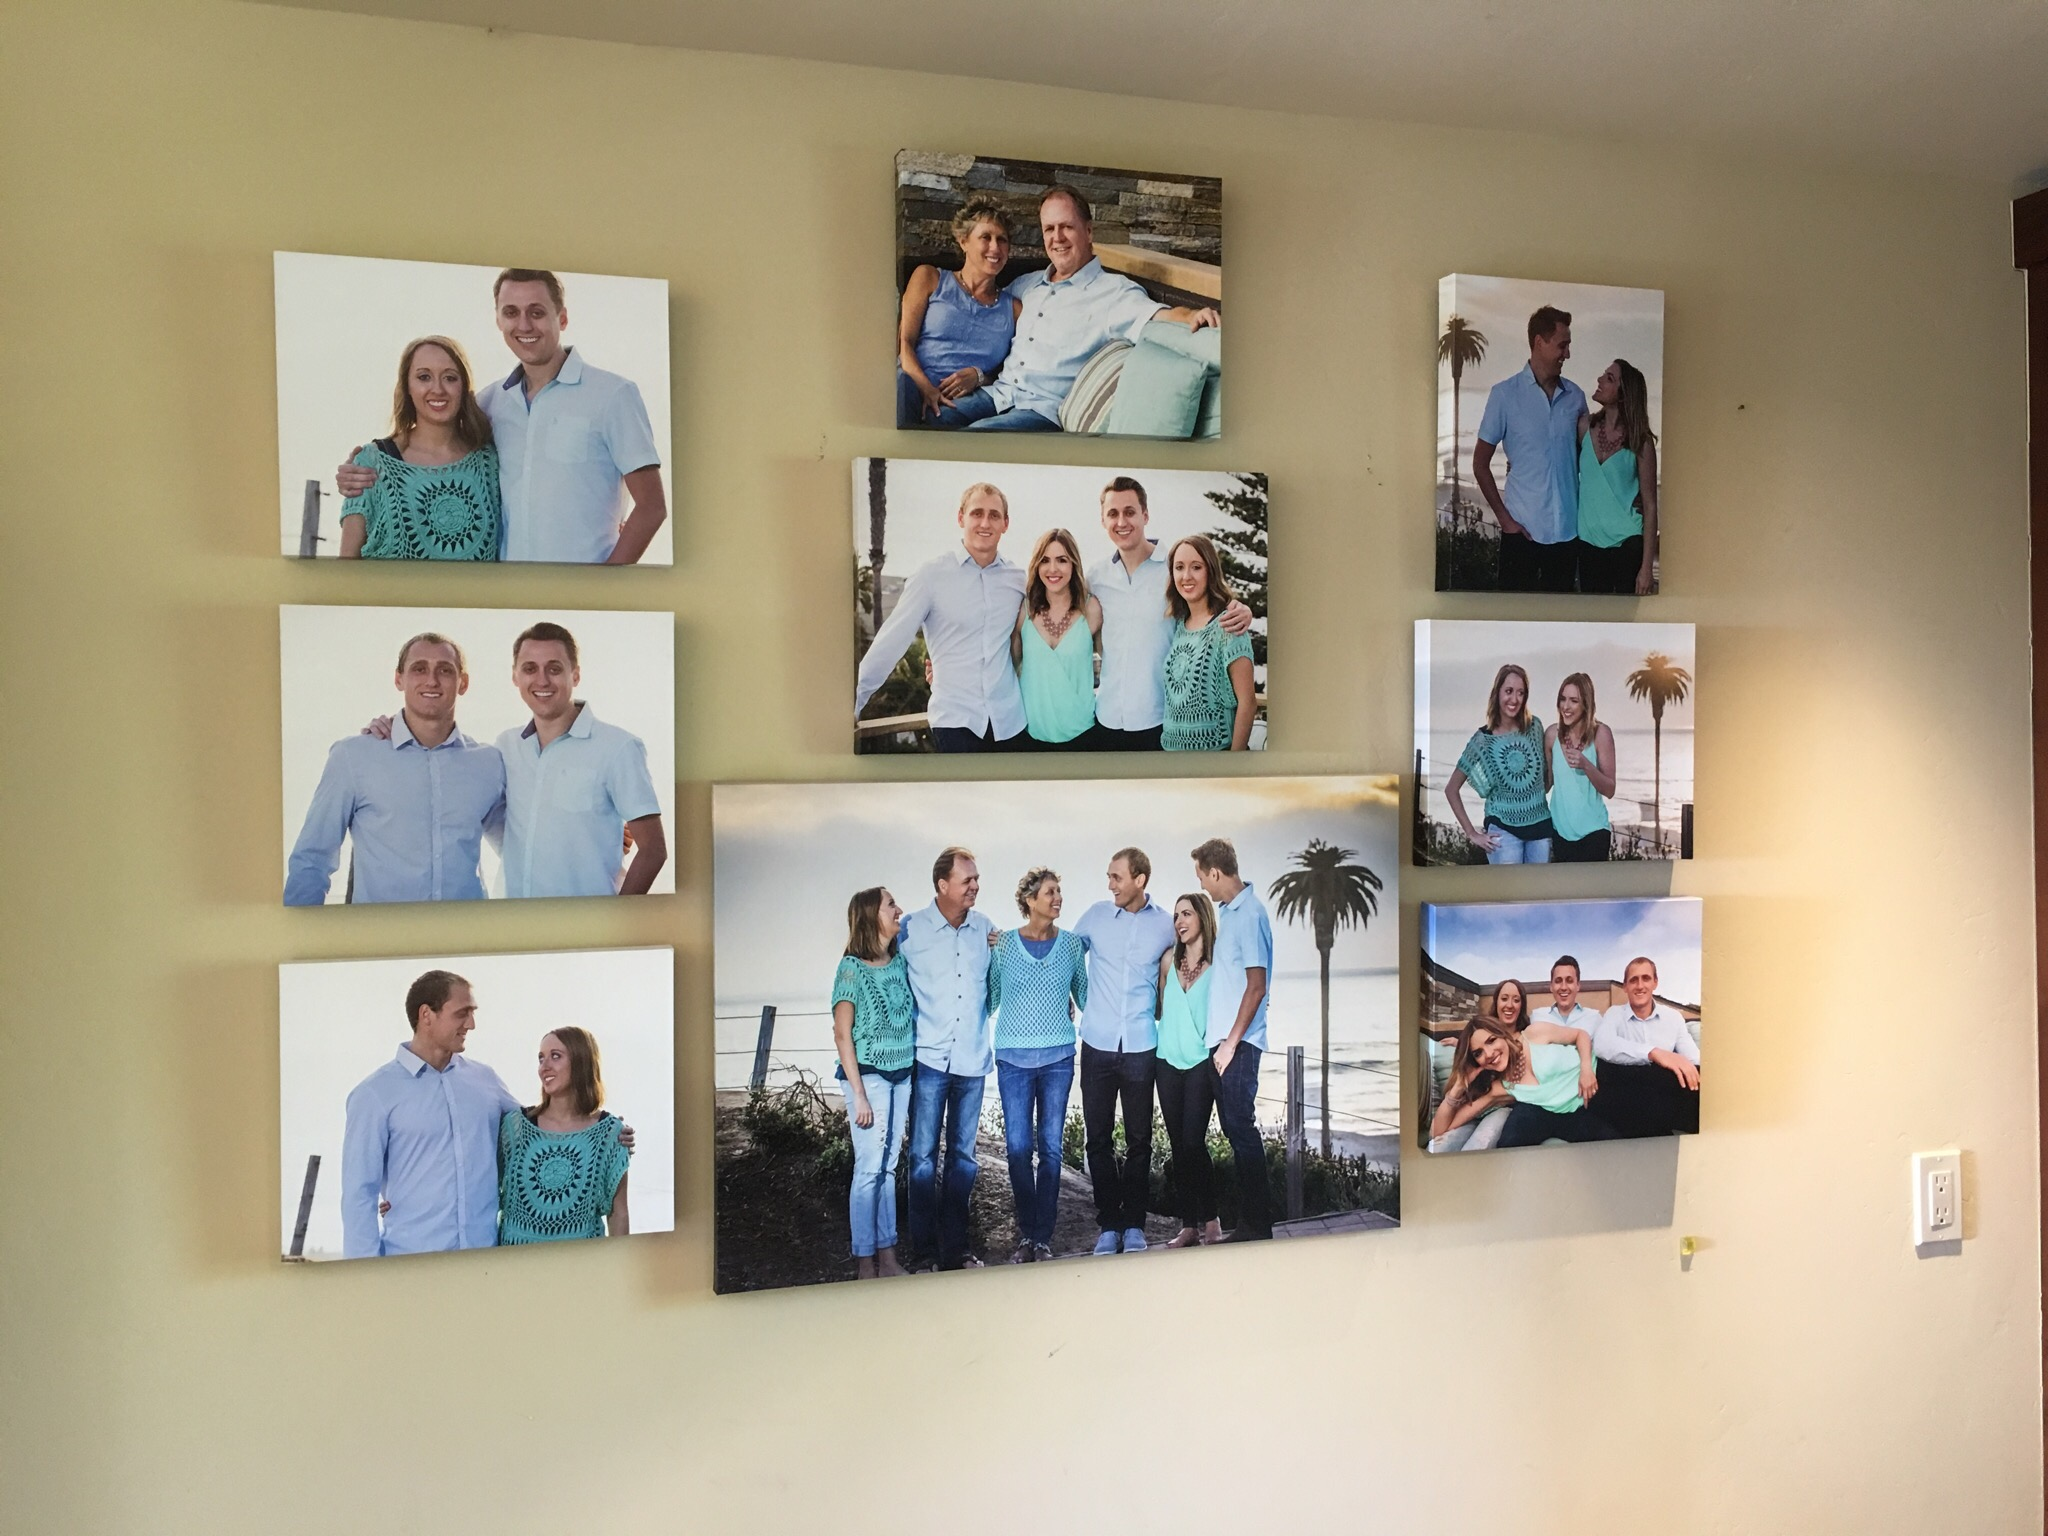 encinitas family photos wall art